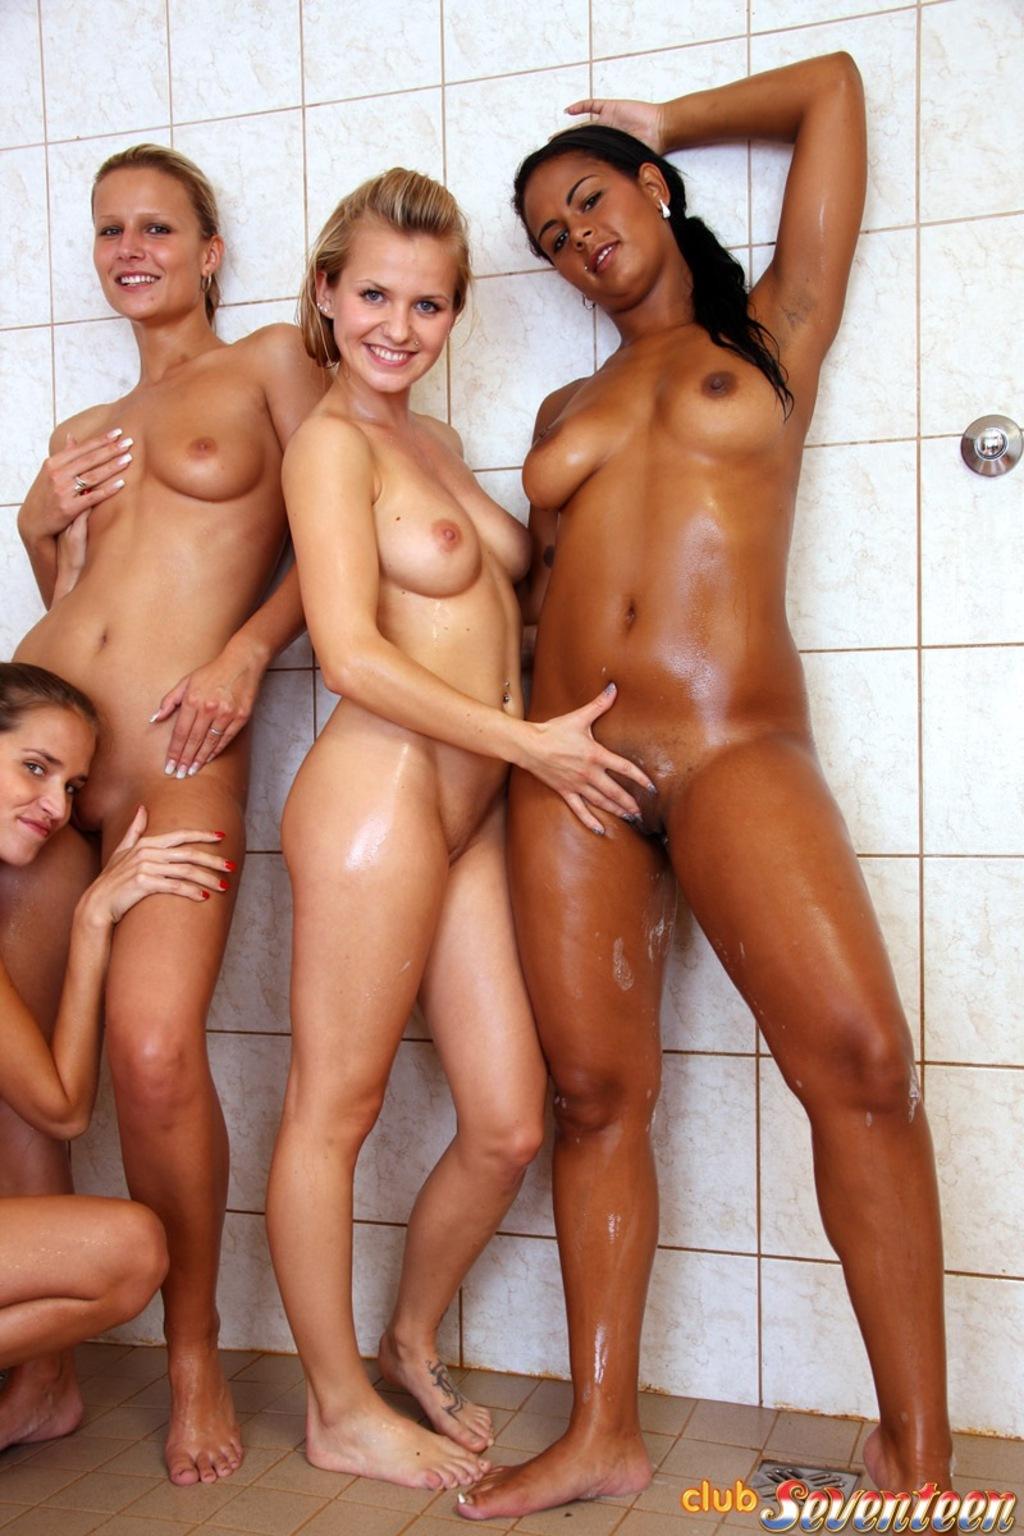 голые спортсменки смотреть онлайн бесплатно